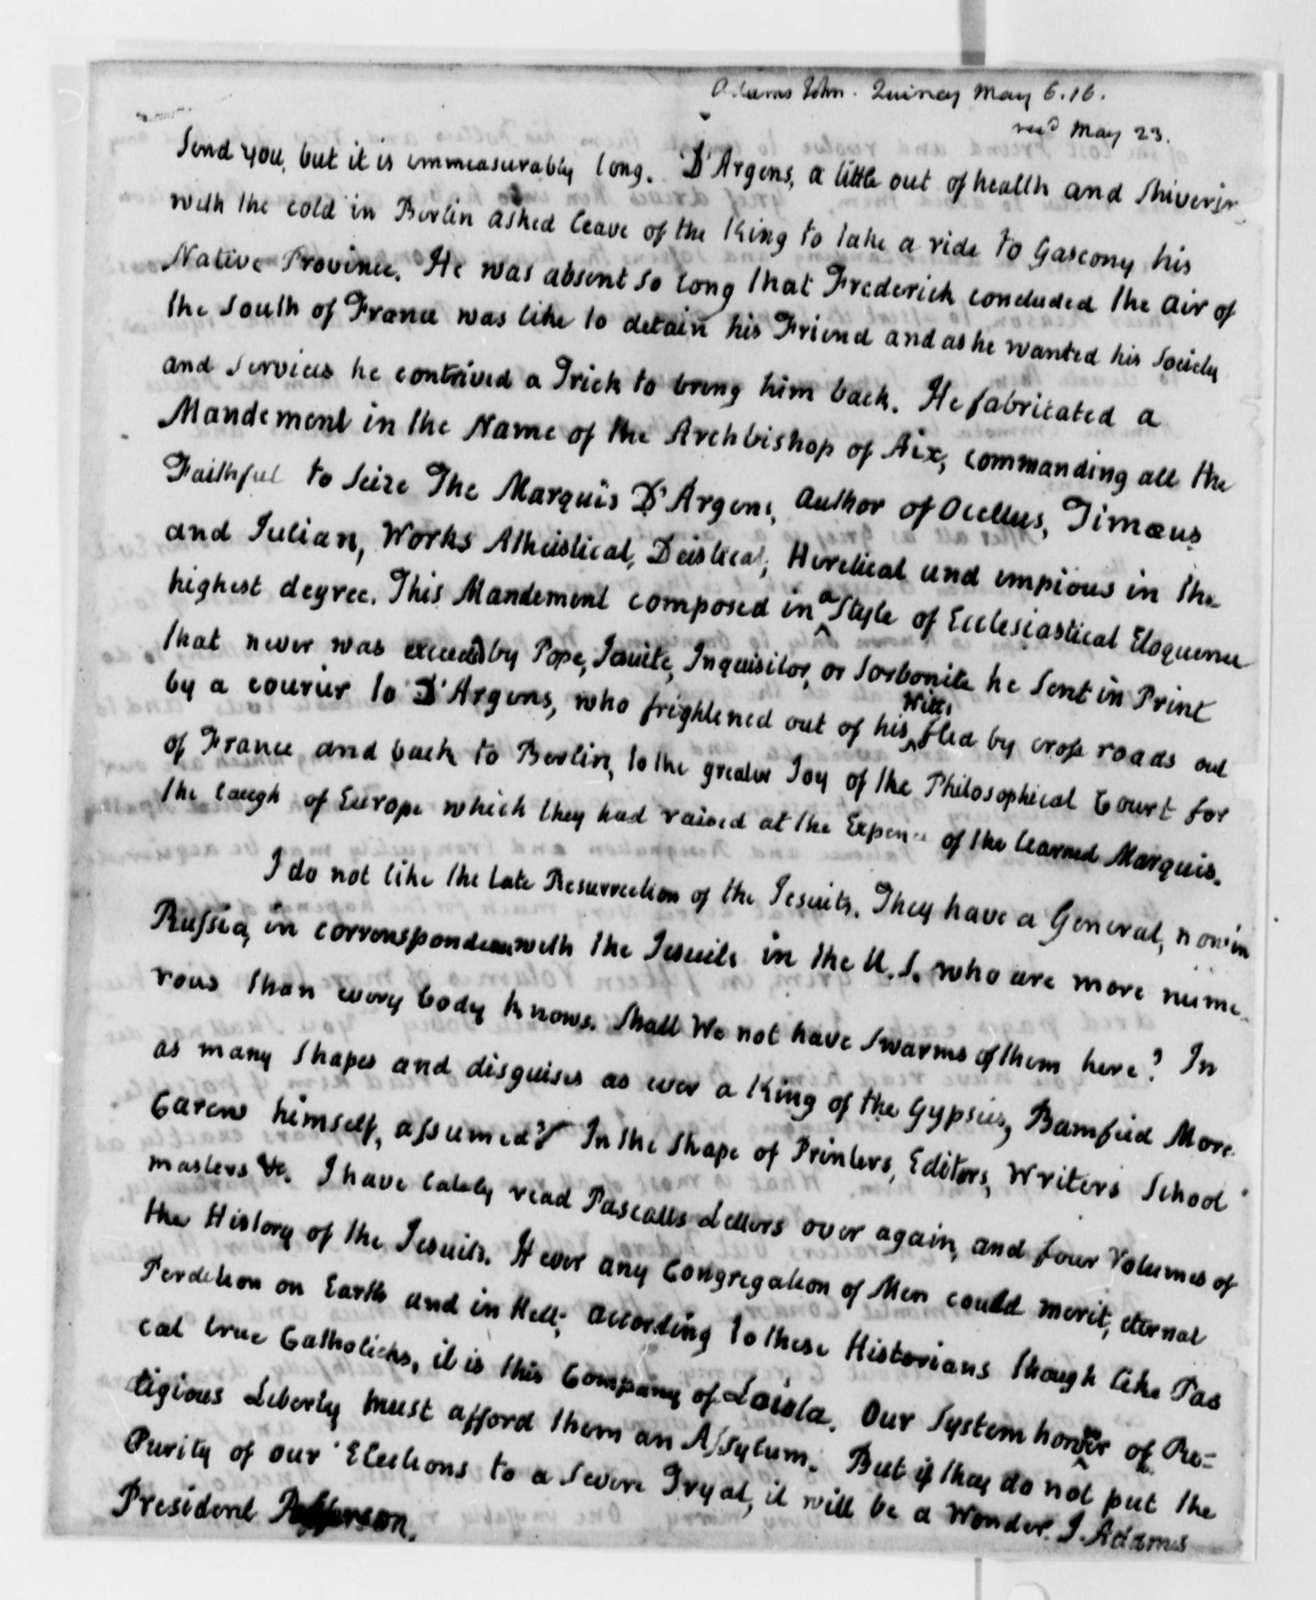 John Adams to Thomas Jefferson, May 6, 1816